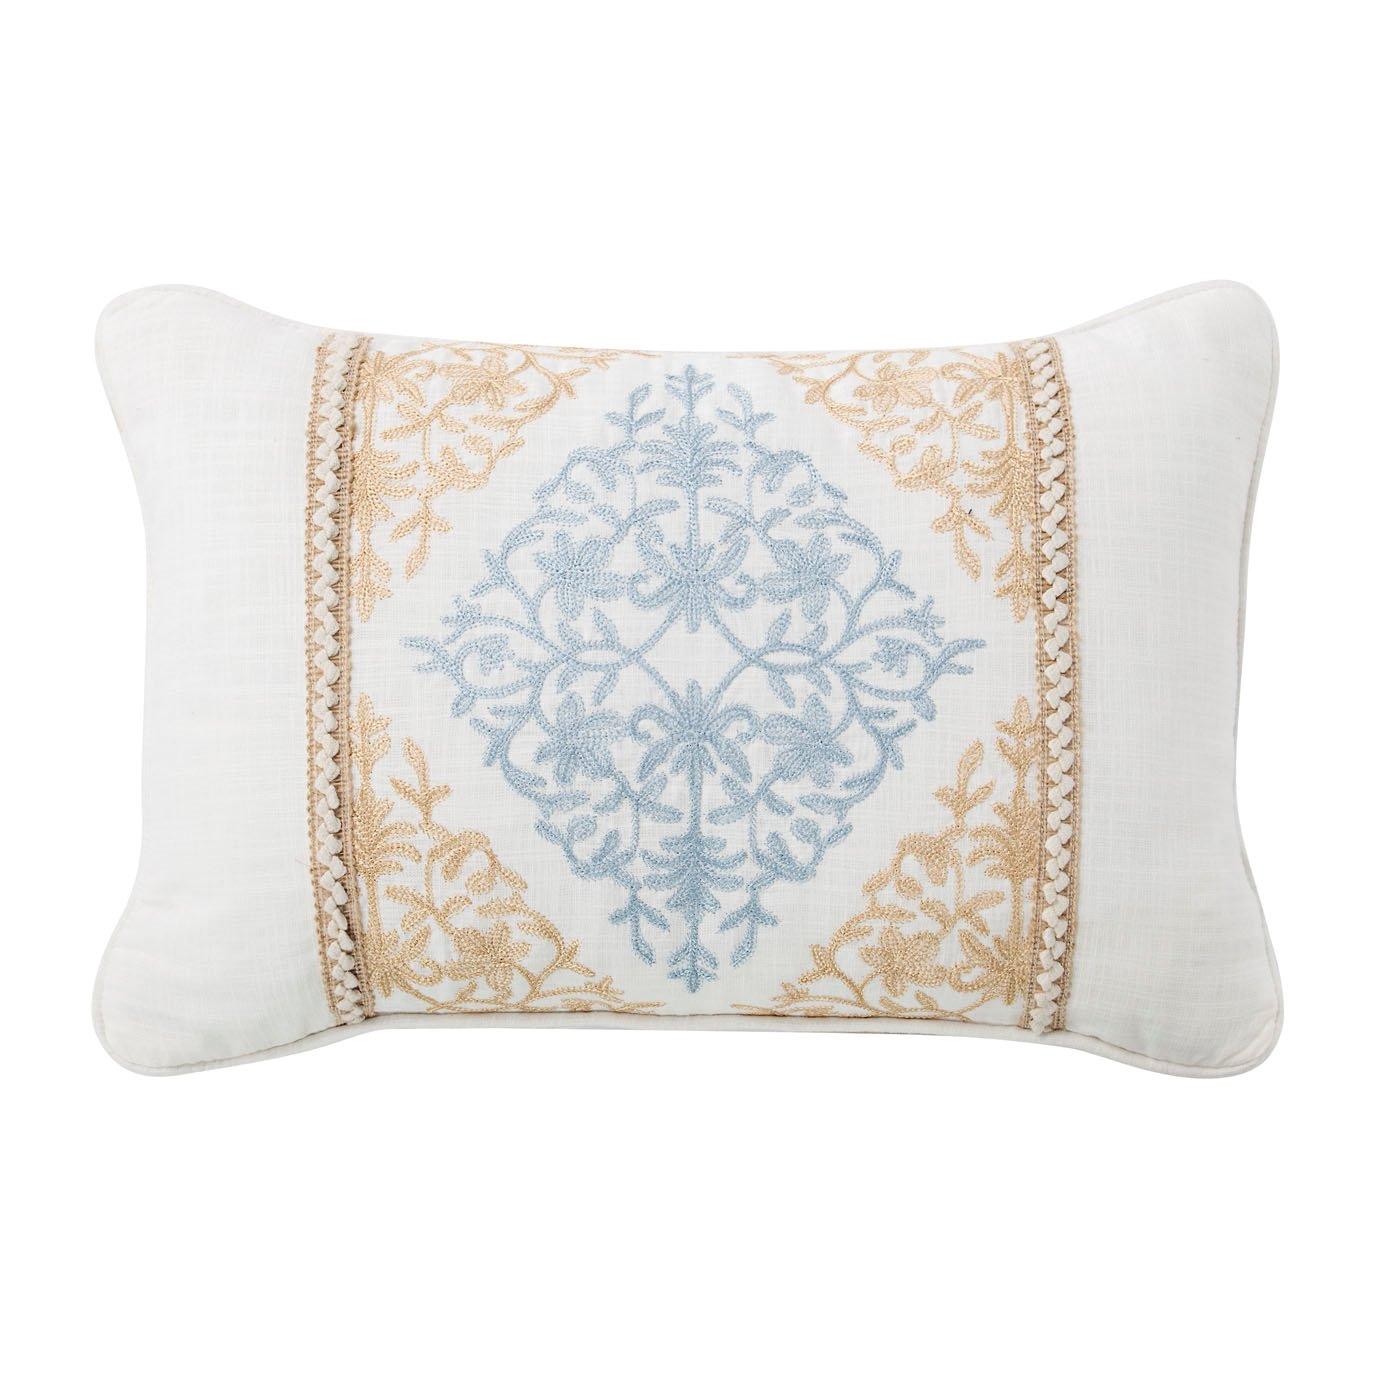 Ardenelle 12X18 Decorative Pillow